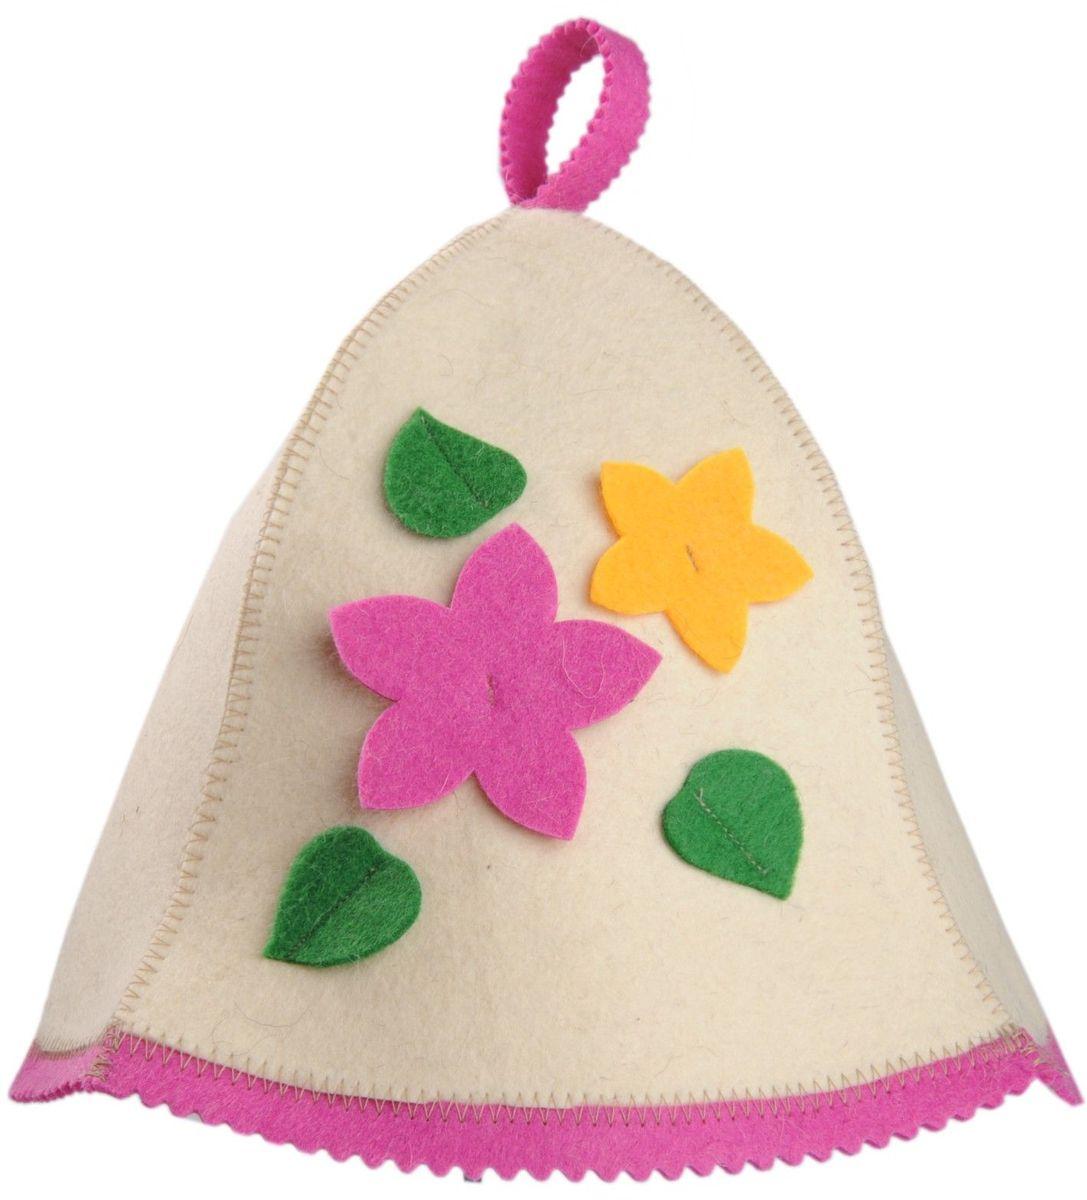 Шапка для бани и сауны Доктор баня Букет, цвет: розовый шапки для бани метиз шапка для бани хозяин